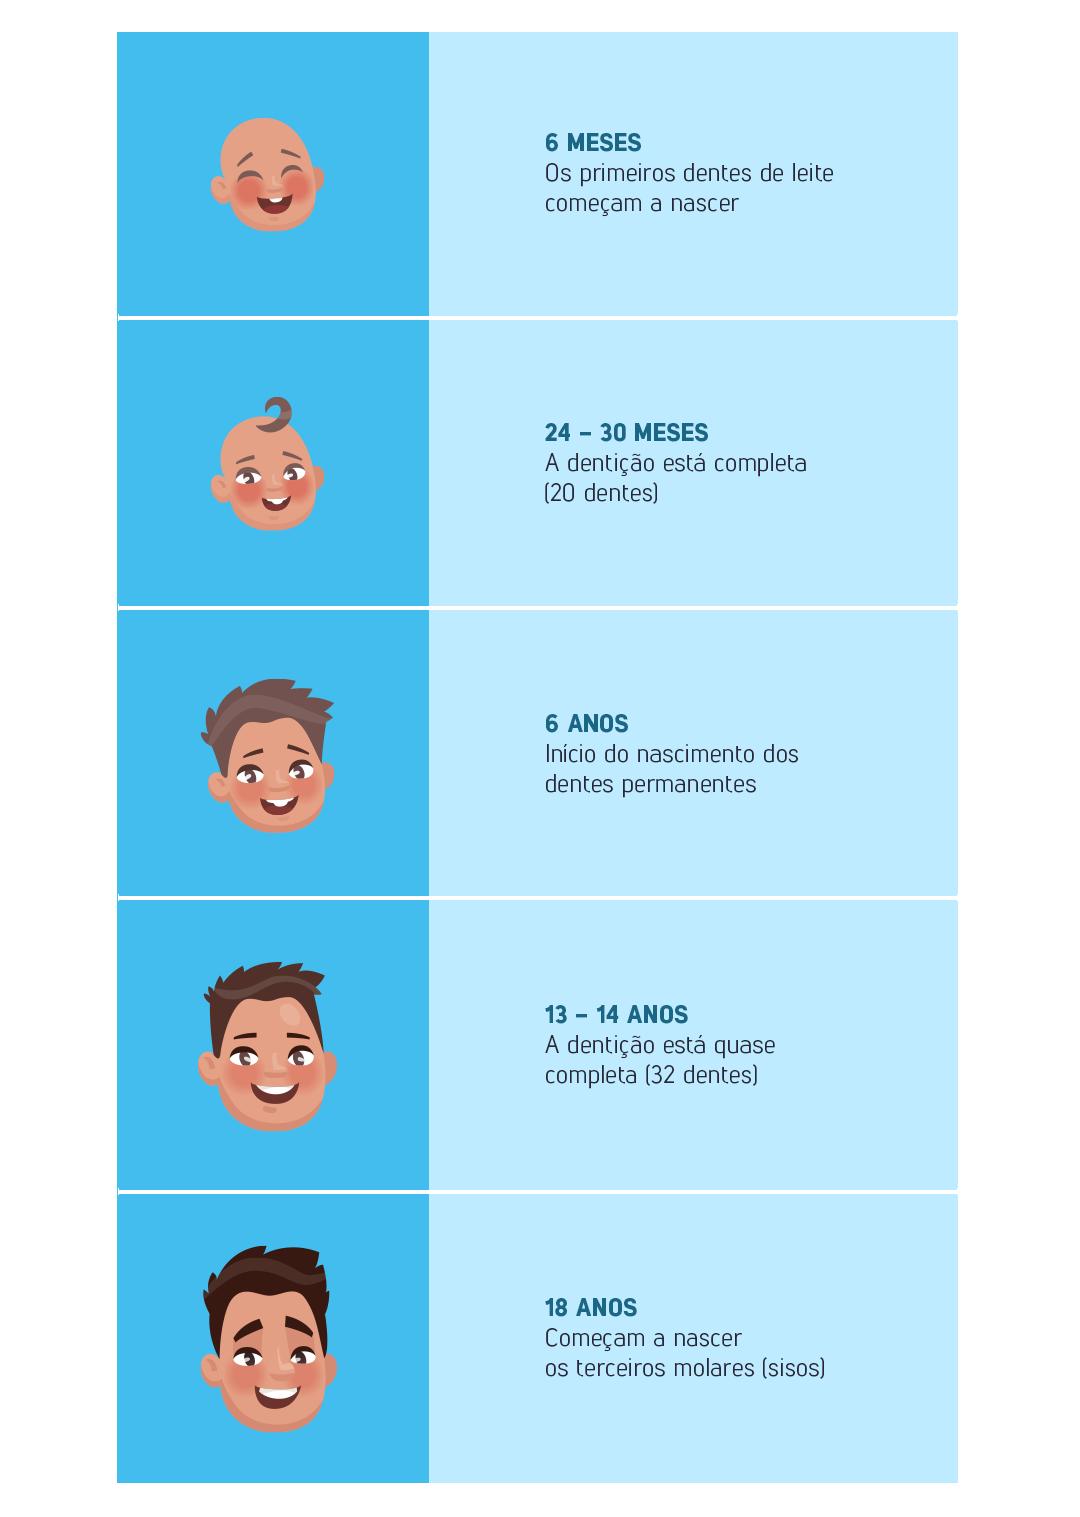 grafico-sulamerica-dente-leite